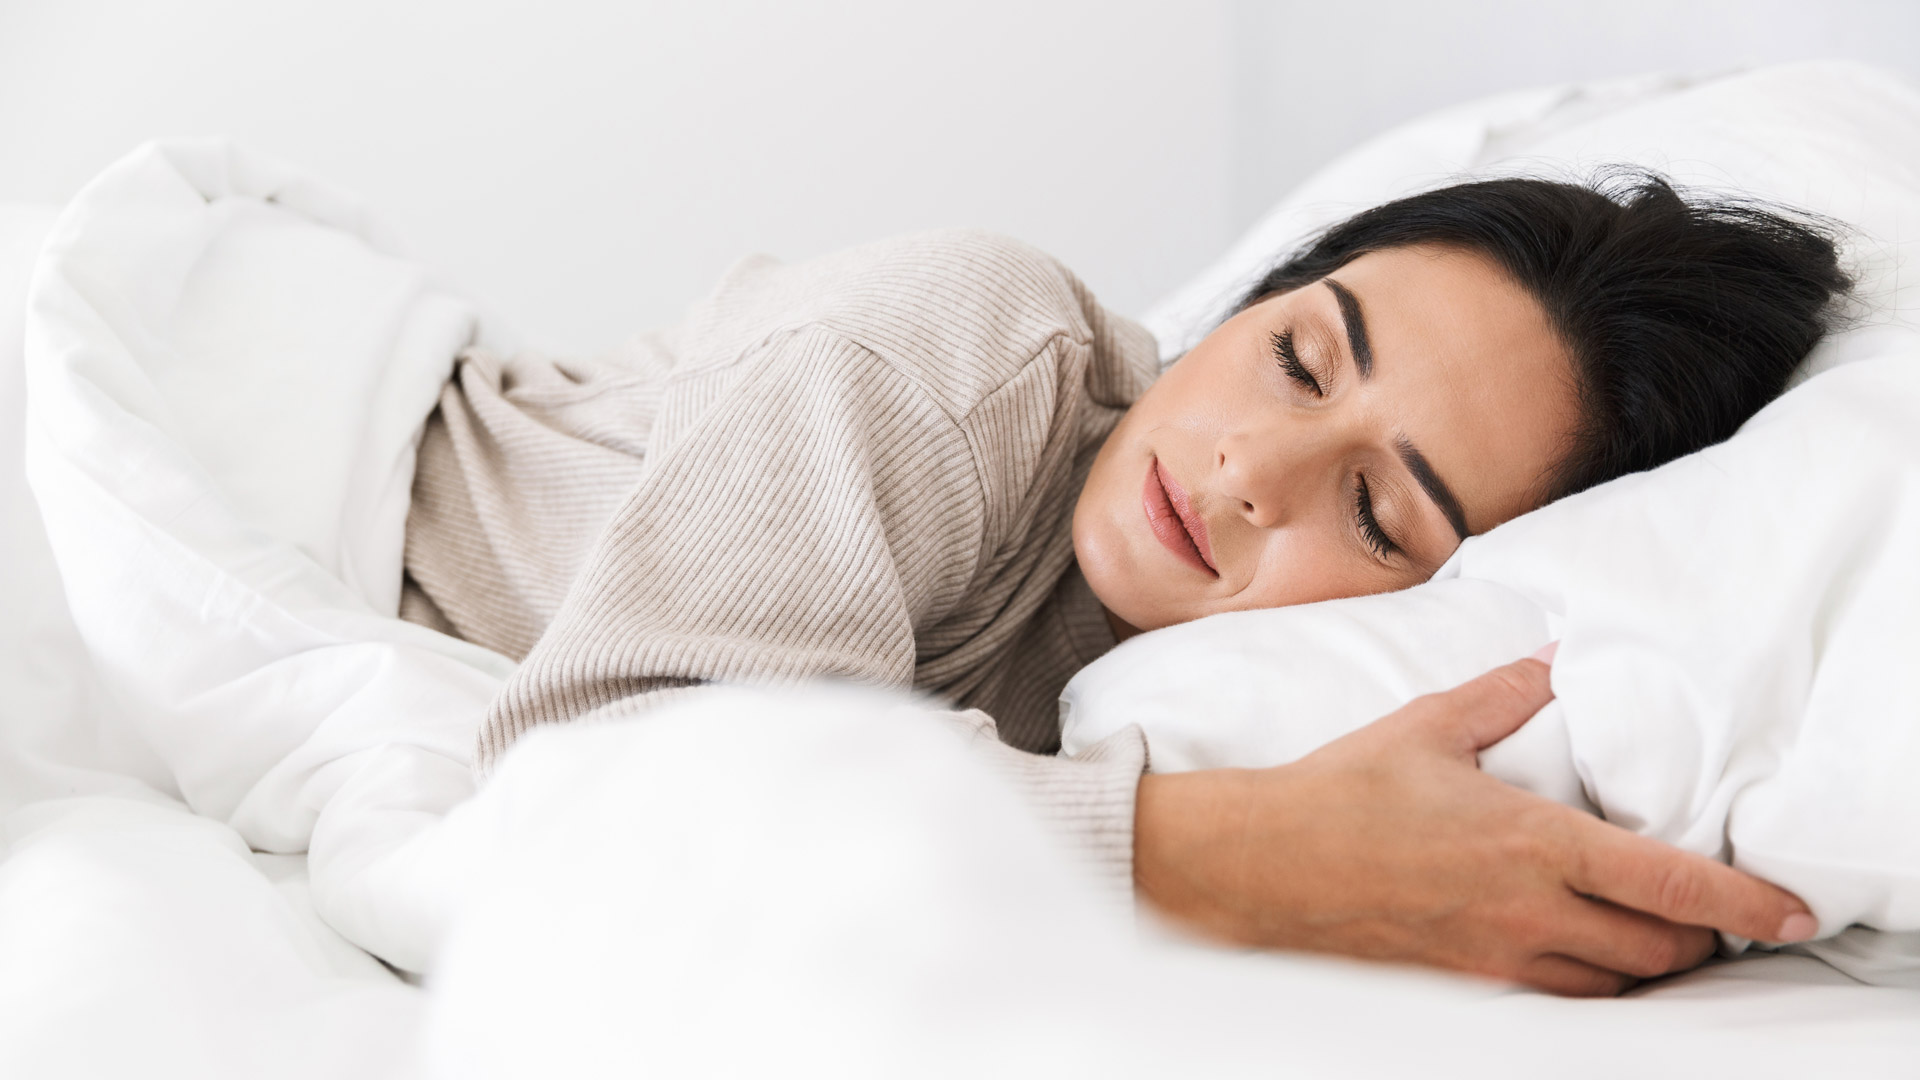 donna che riposa rilassata